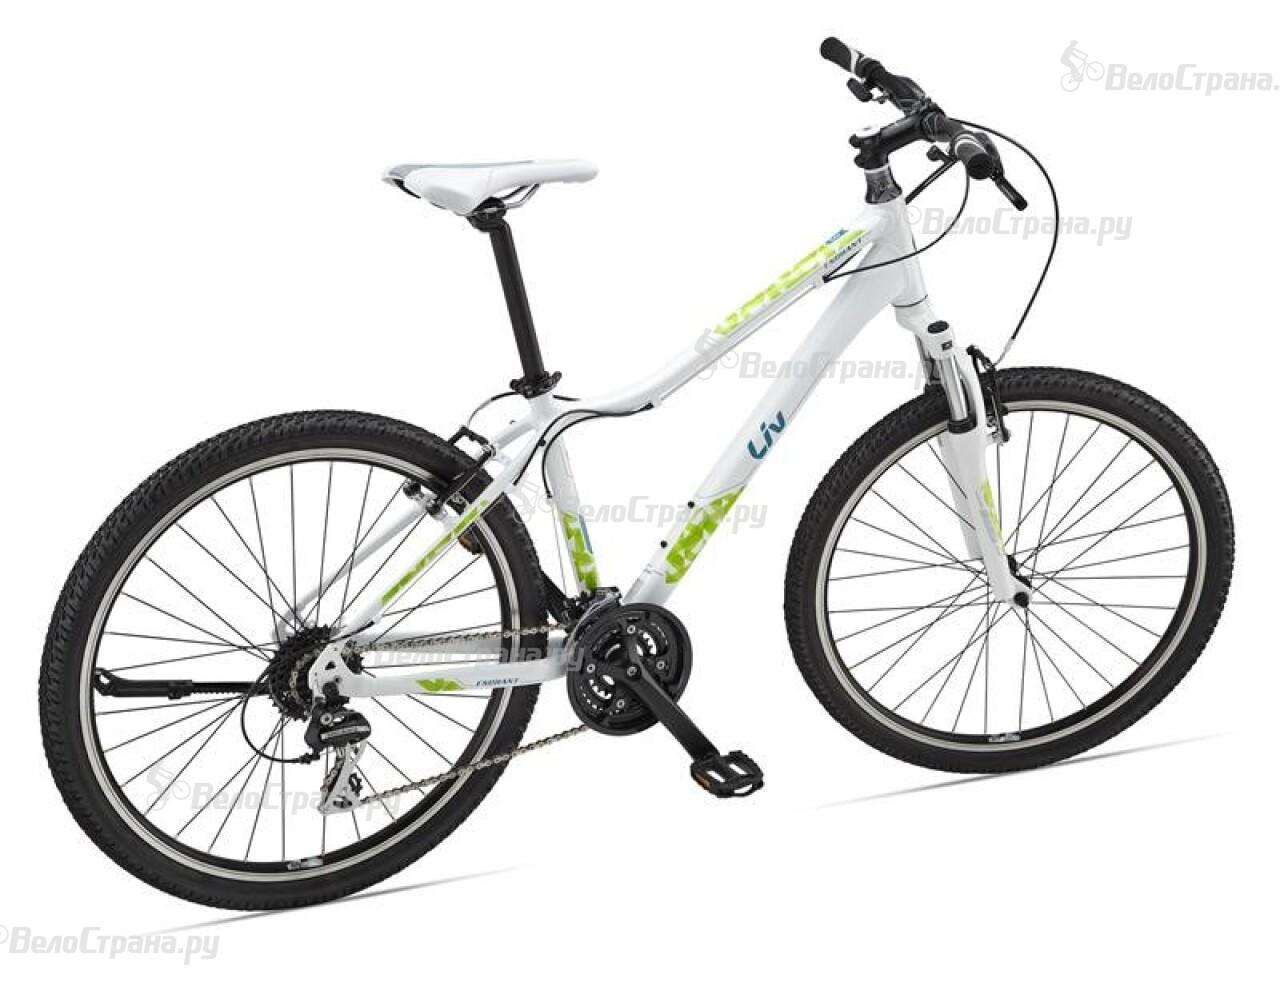 Велосипед Giant Enchant 1 (2015) велосипед giant enchant 1 2016